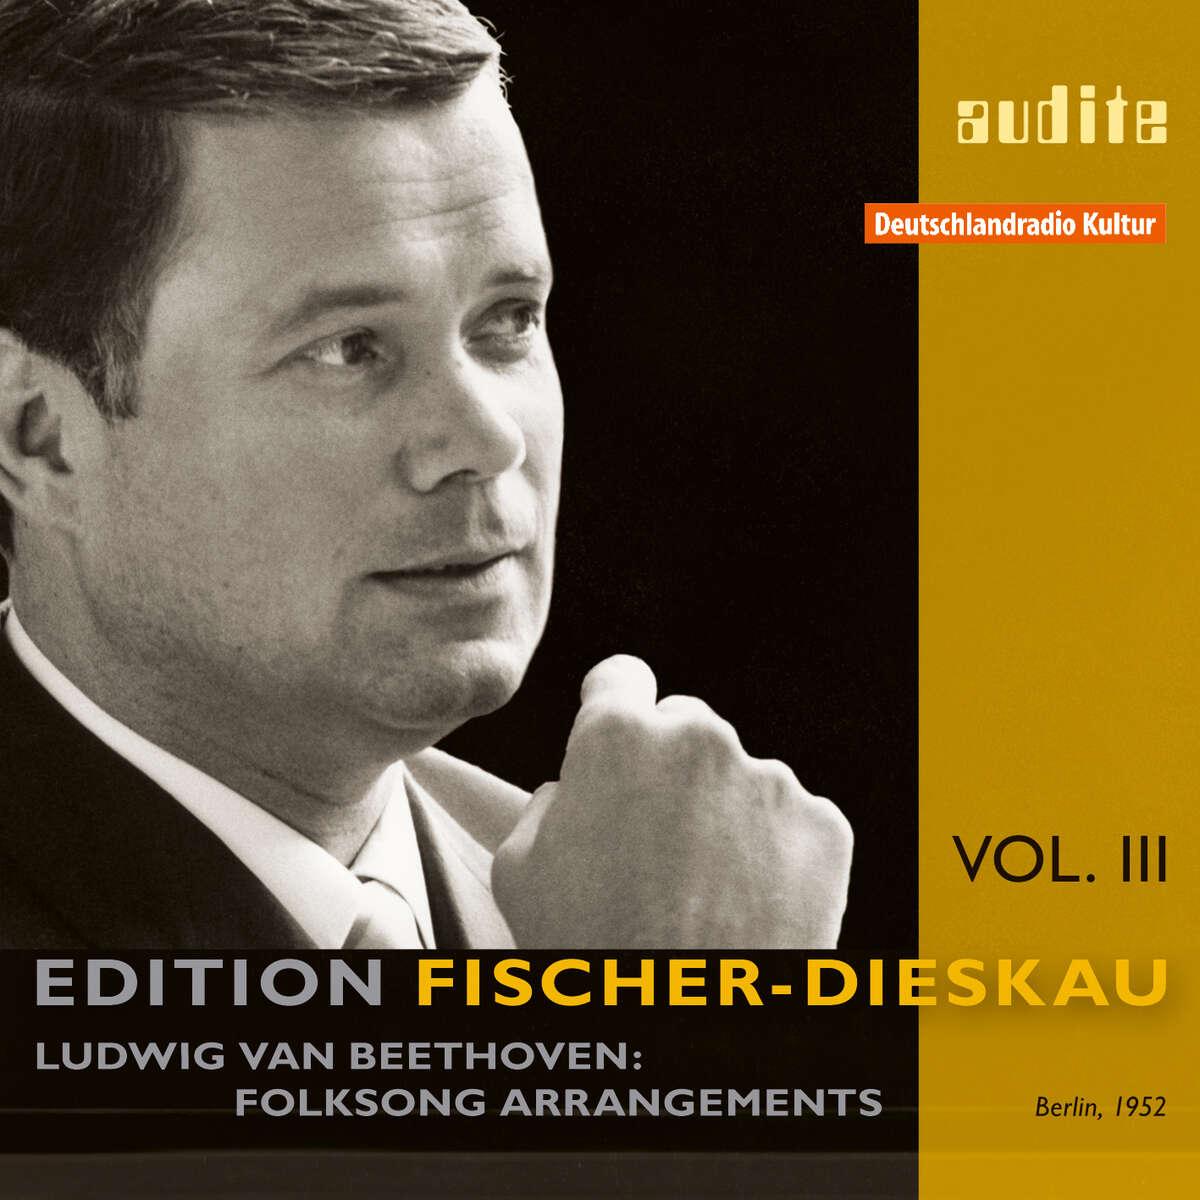 Edition Fischer-Dieskau (III) – L. v. Beethoven: Folksong Arrangements